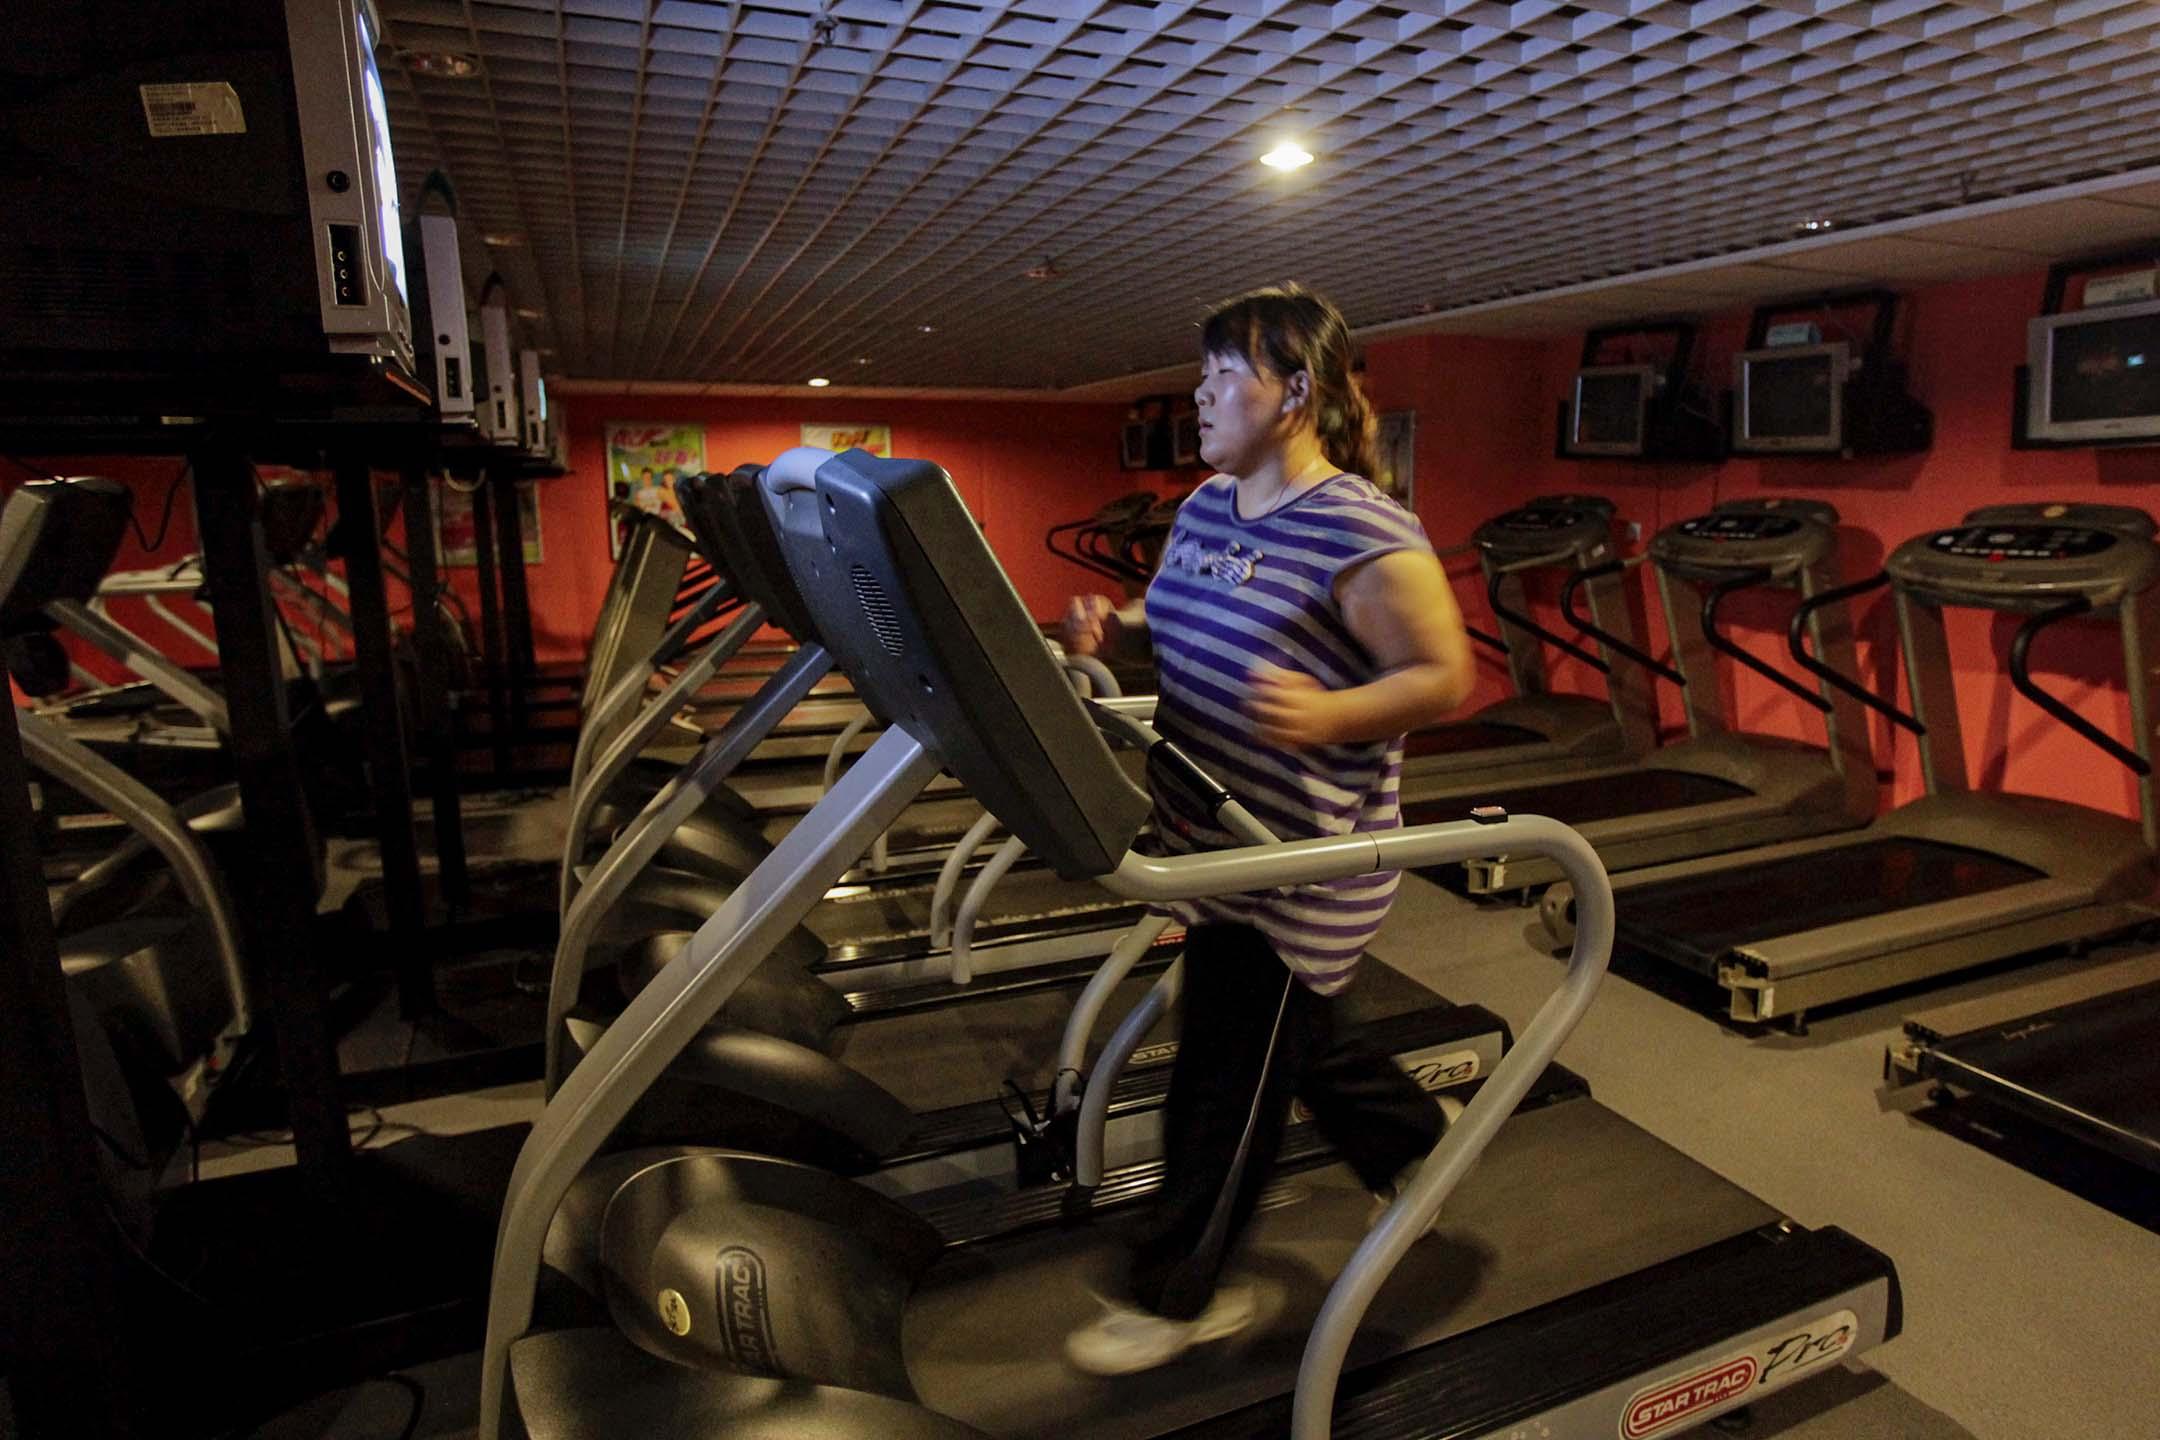 2011年8月26日,一名婦女在健身室的跑步機上跑步減肥。